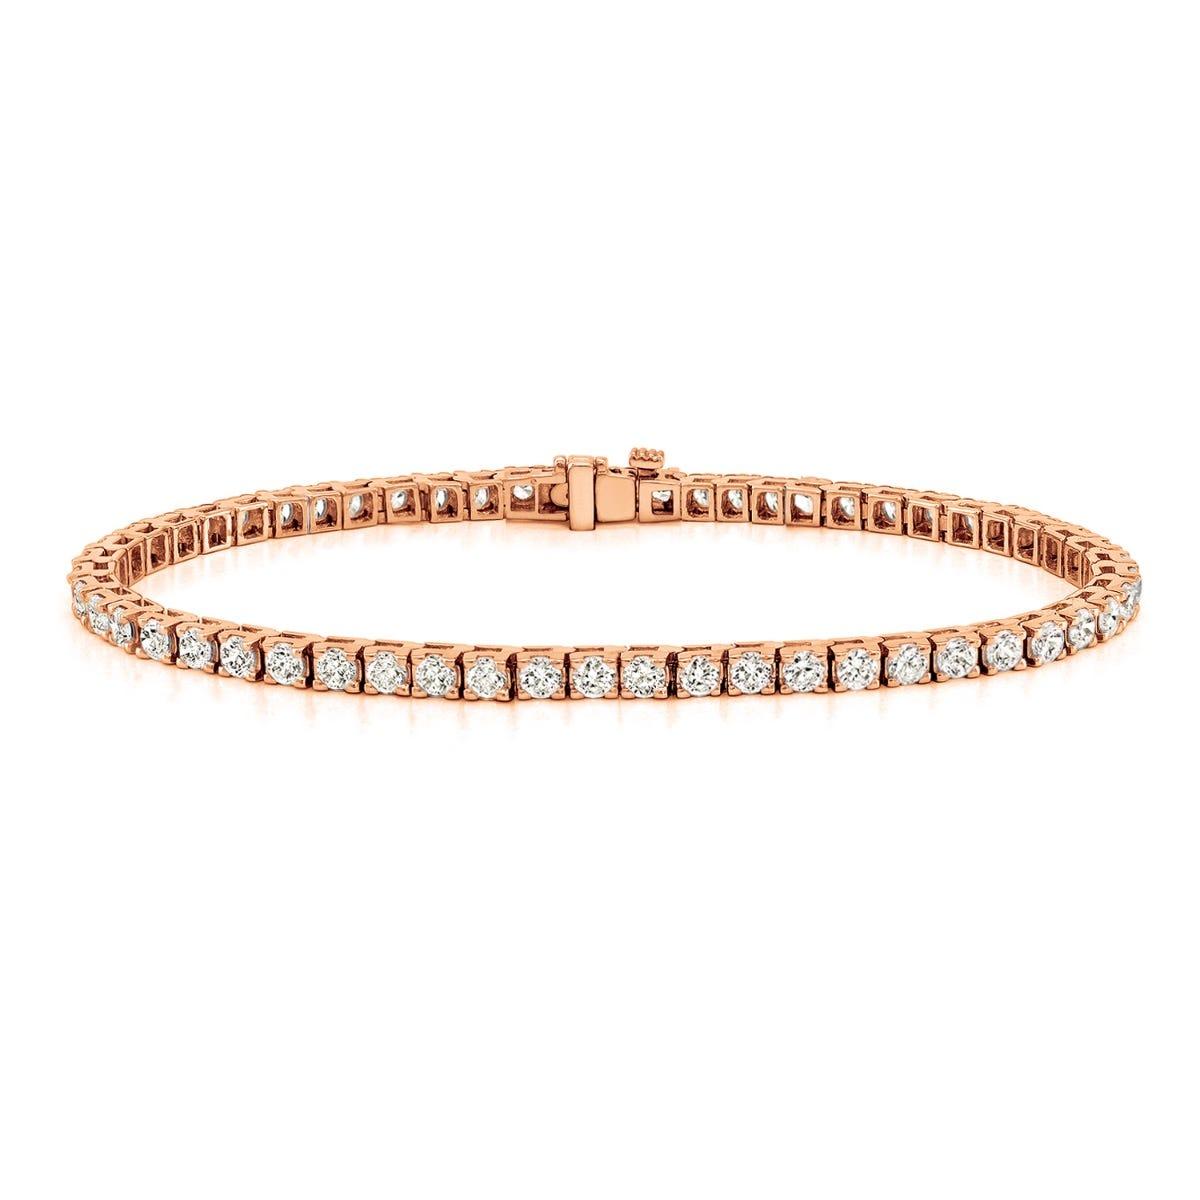 2.50ctw. 4-Prong Square Link Diamond Tennis Bracelet in 14K Rose Gold (HI, VS1-VS2)